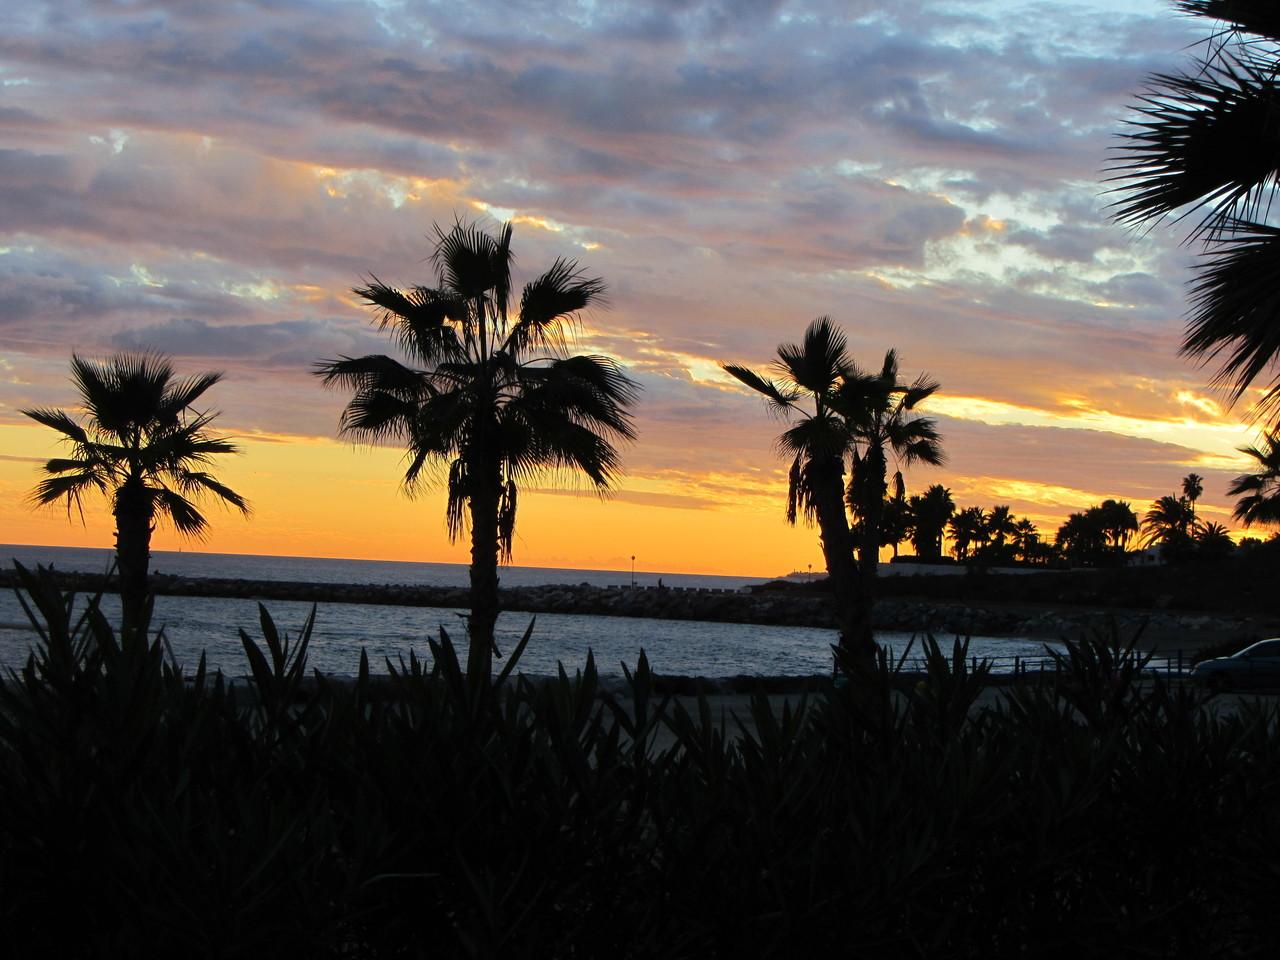 ein letzter Sonnenuntergang am Strand von Benalmádena